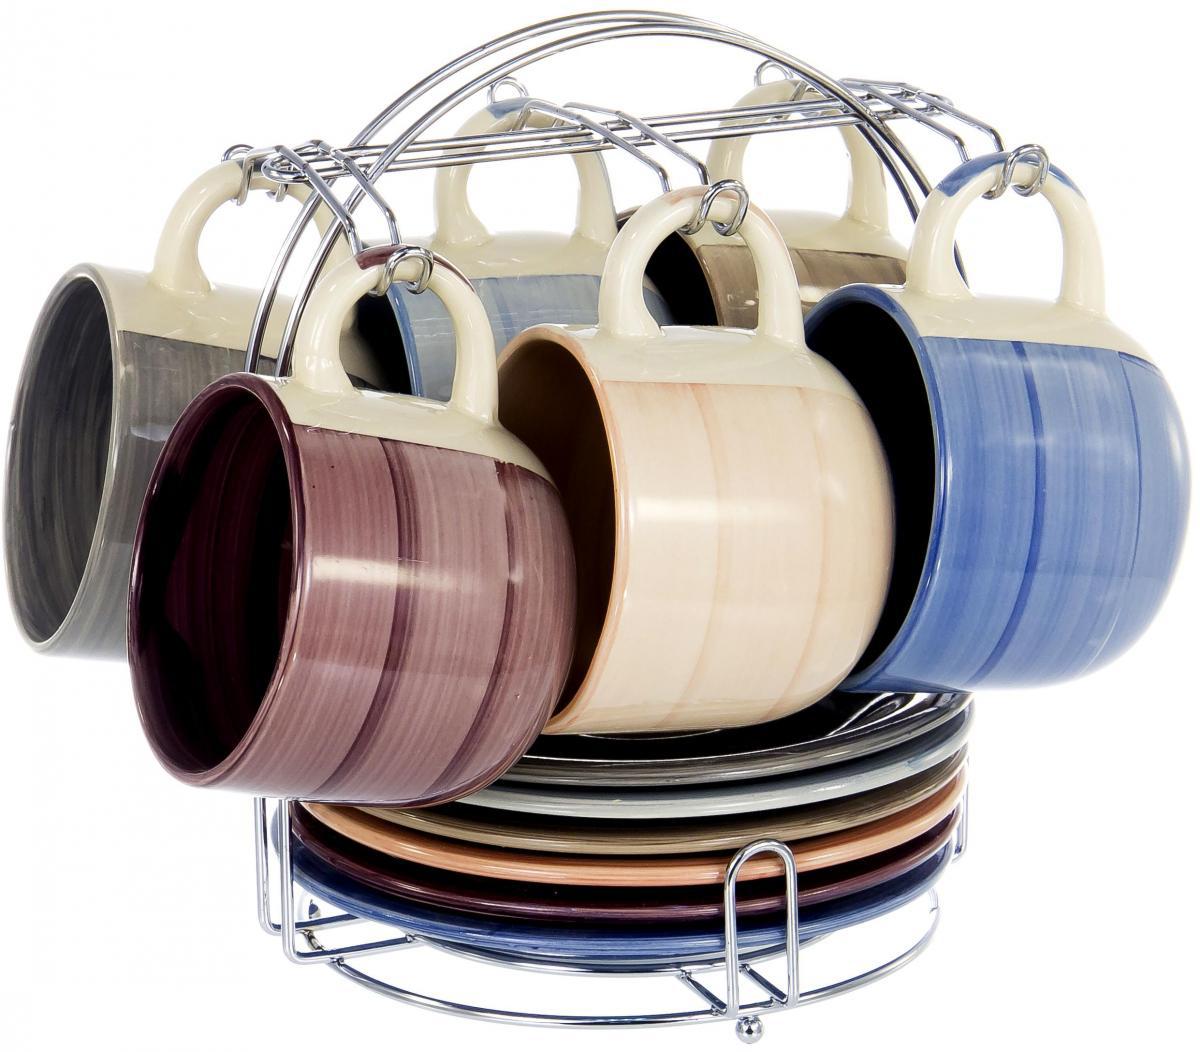 """Набор Elrington """"Аэрограф"""" состоит из шести чашек и шести  блюдец, изготовленных из высококачественной керамики. Изделия  расположены на  металлической подставке.  Изящный дизайн придется по вкусу и ценителям  классики, и тем, кто предпочитает утонченность и  изысканность. Он настроит на позитивный лад и  подарит хорошее настроение с самого утра. Чайный  набор Elrington """"Аэрограф"""" - идеальный и необходимый подарок  для вашего дома и для ваших друзей в праздники."""